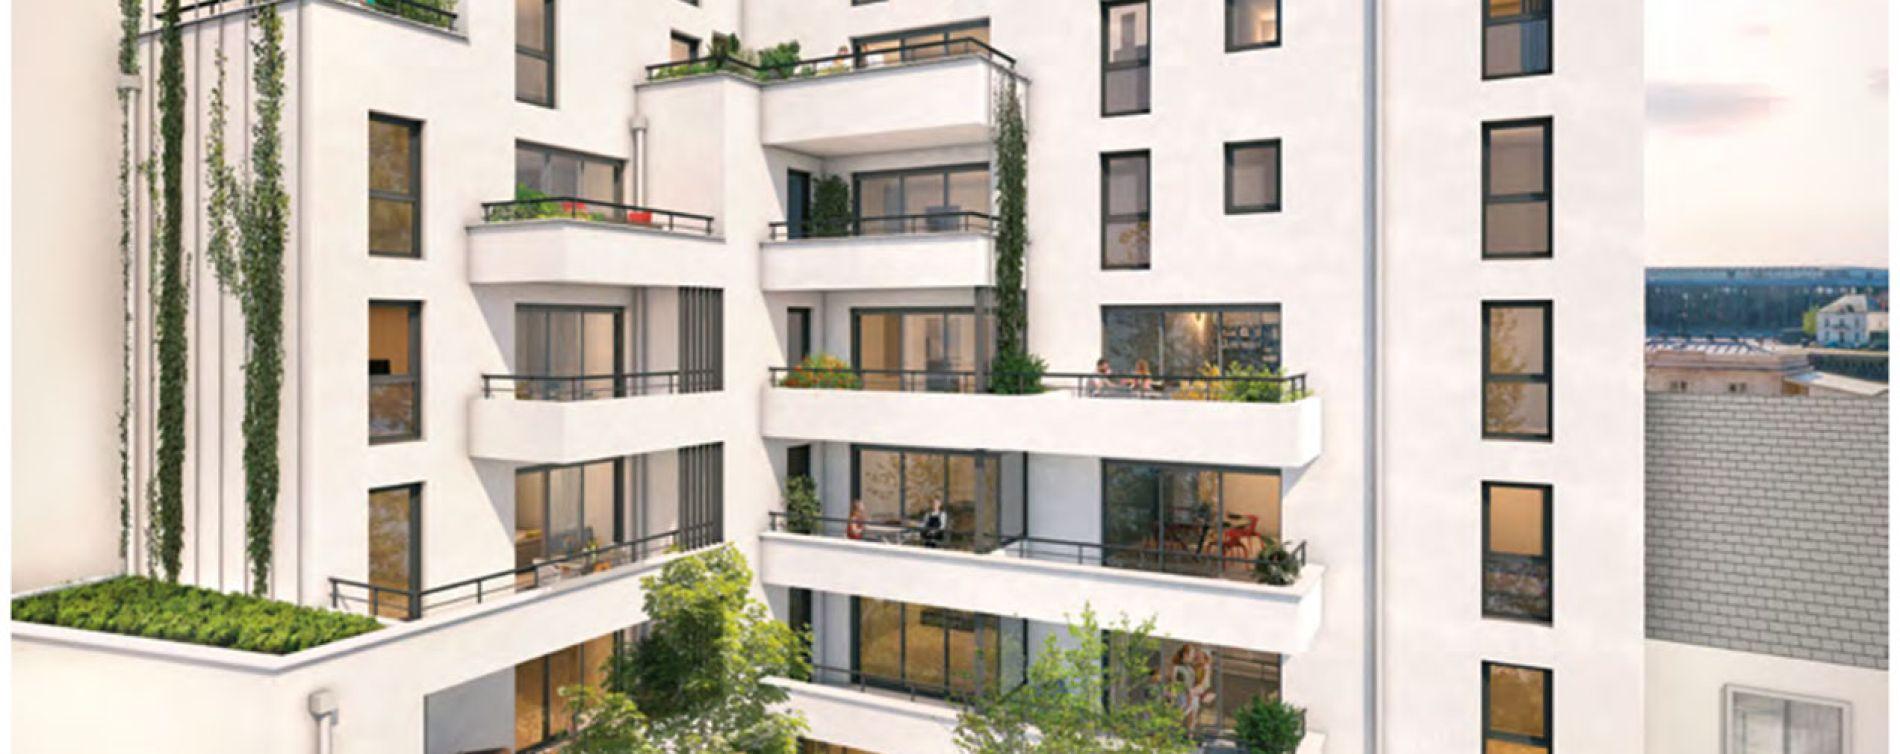 Résidence Atelier Cambronne à Nantes